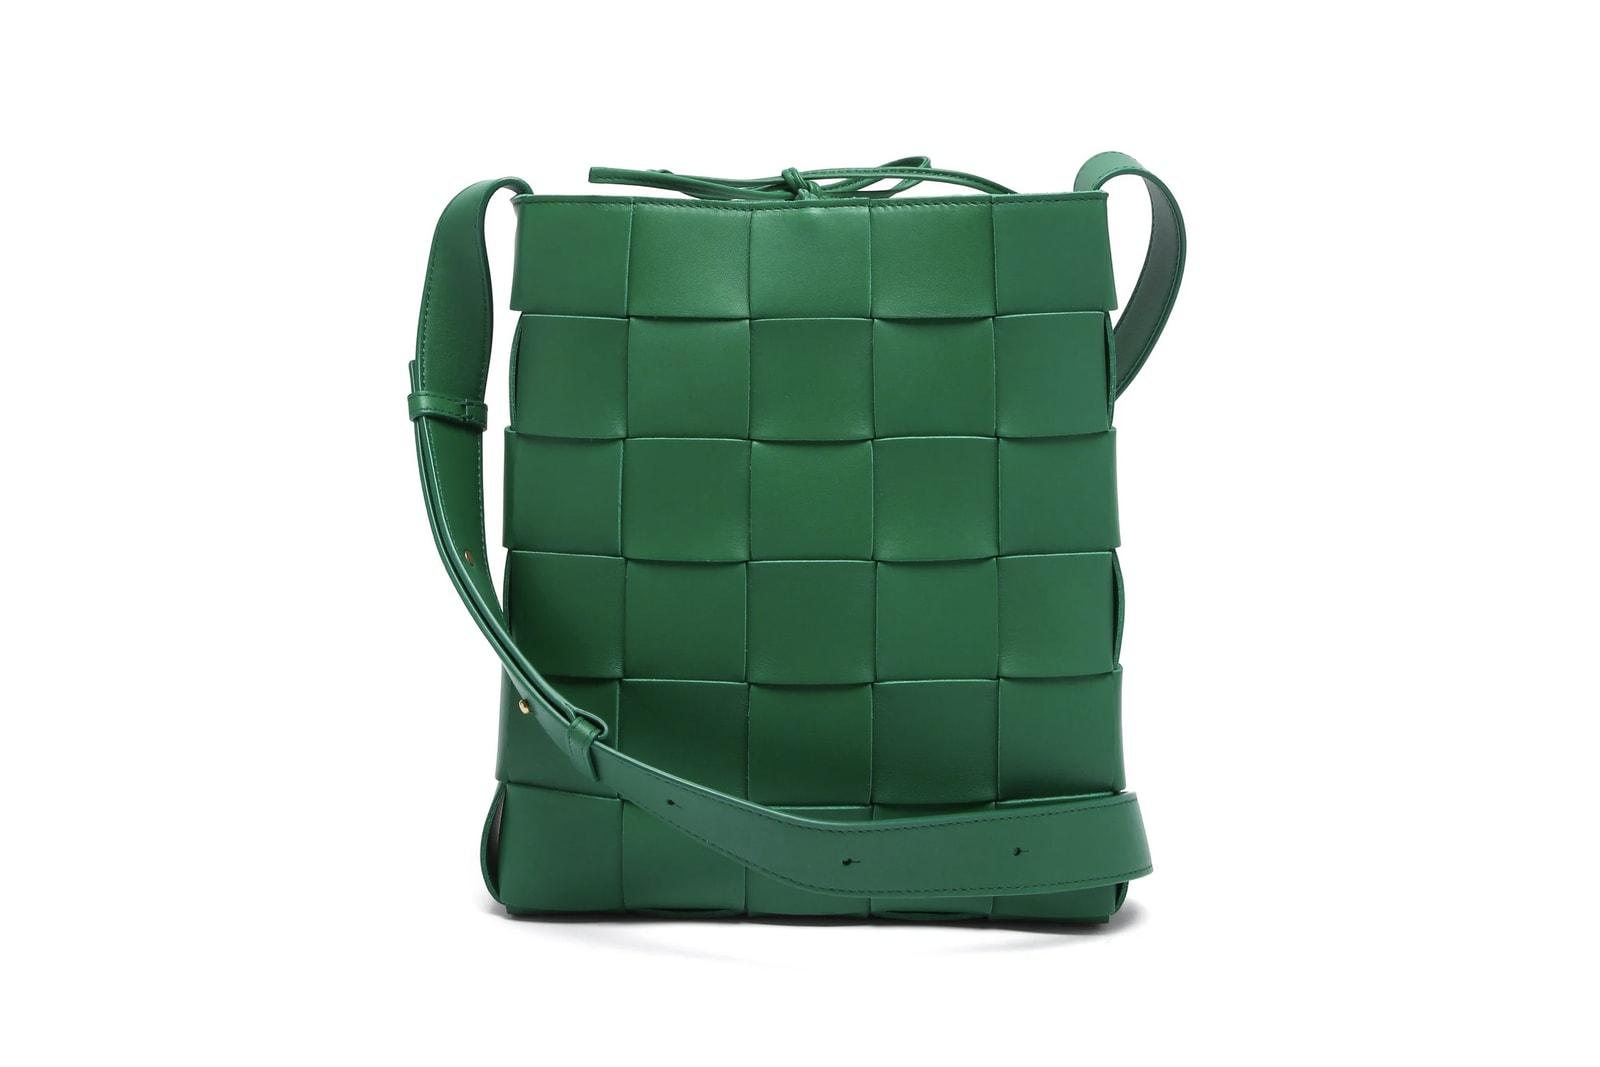 Spring/Summer 21 Green Bag Trend Accessories Sage Green Prada Bottega Veneta Gucci Jacquemus By Far